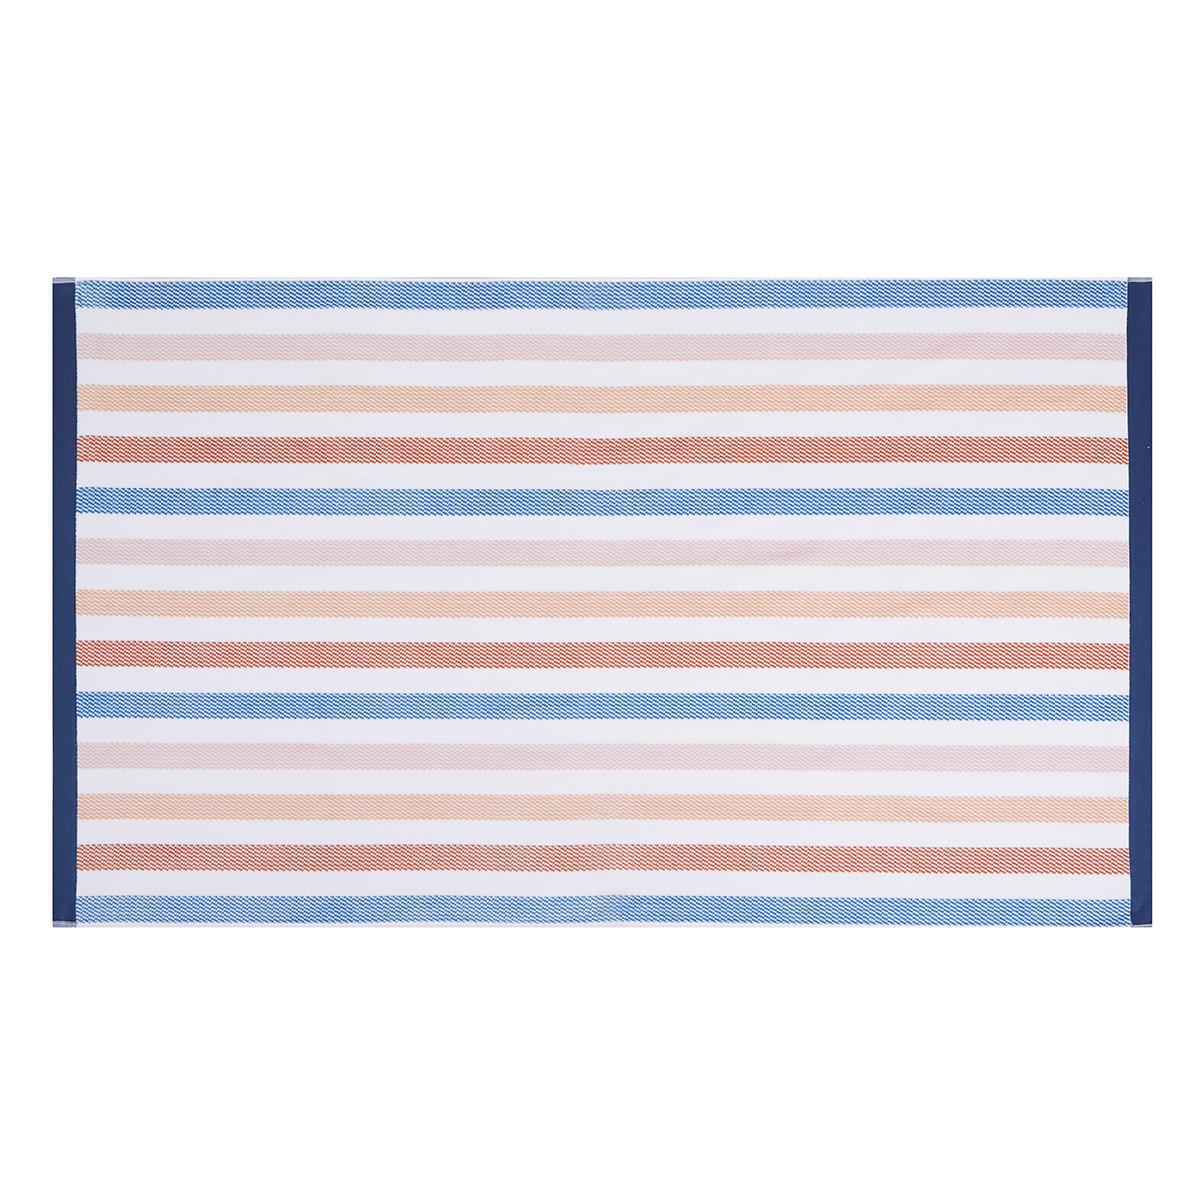 Drap de plage coton 100x180 cm bleu clair rayé